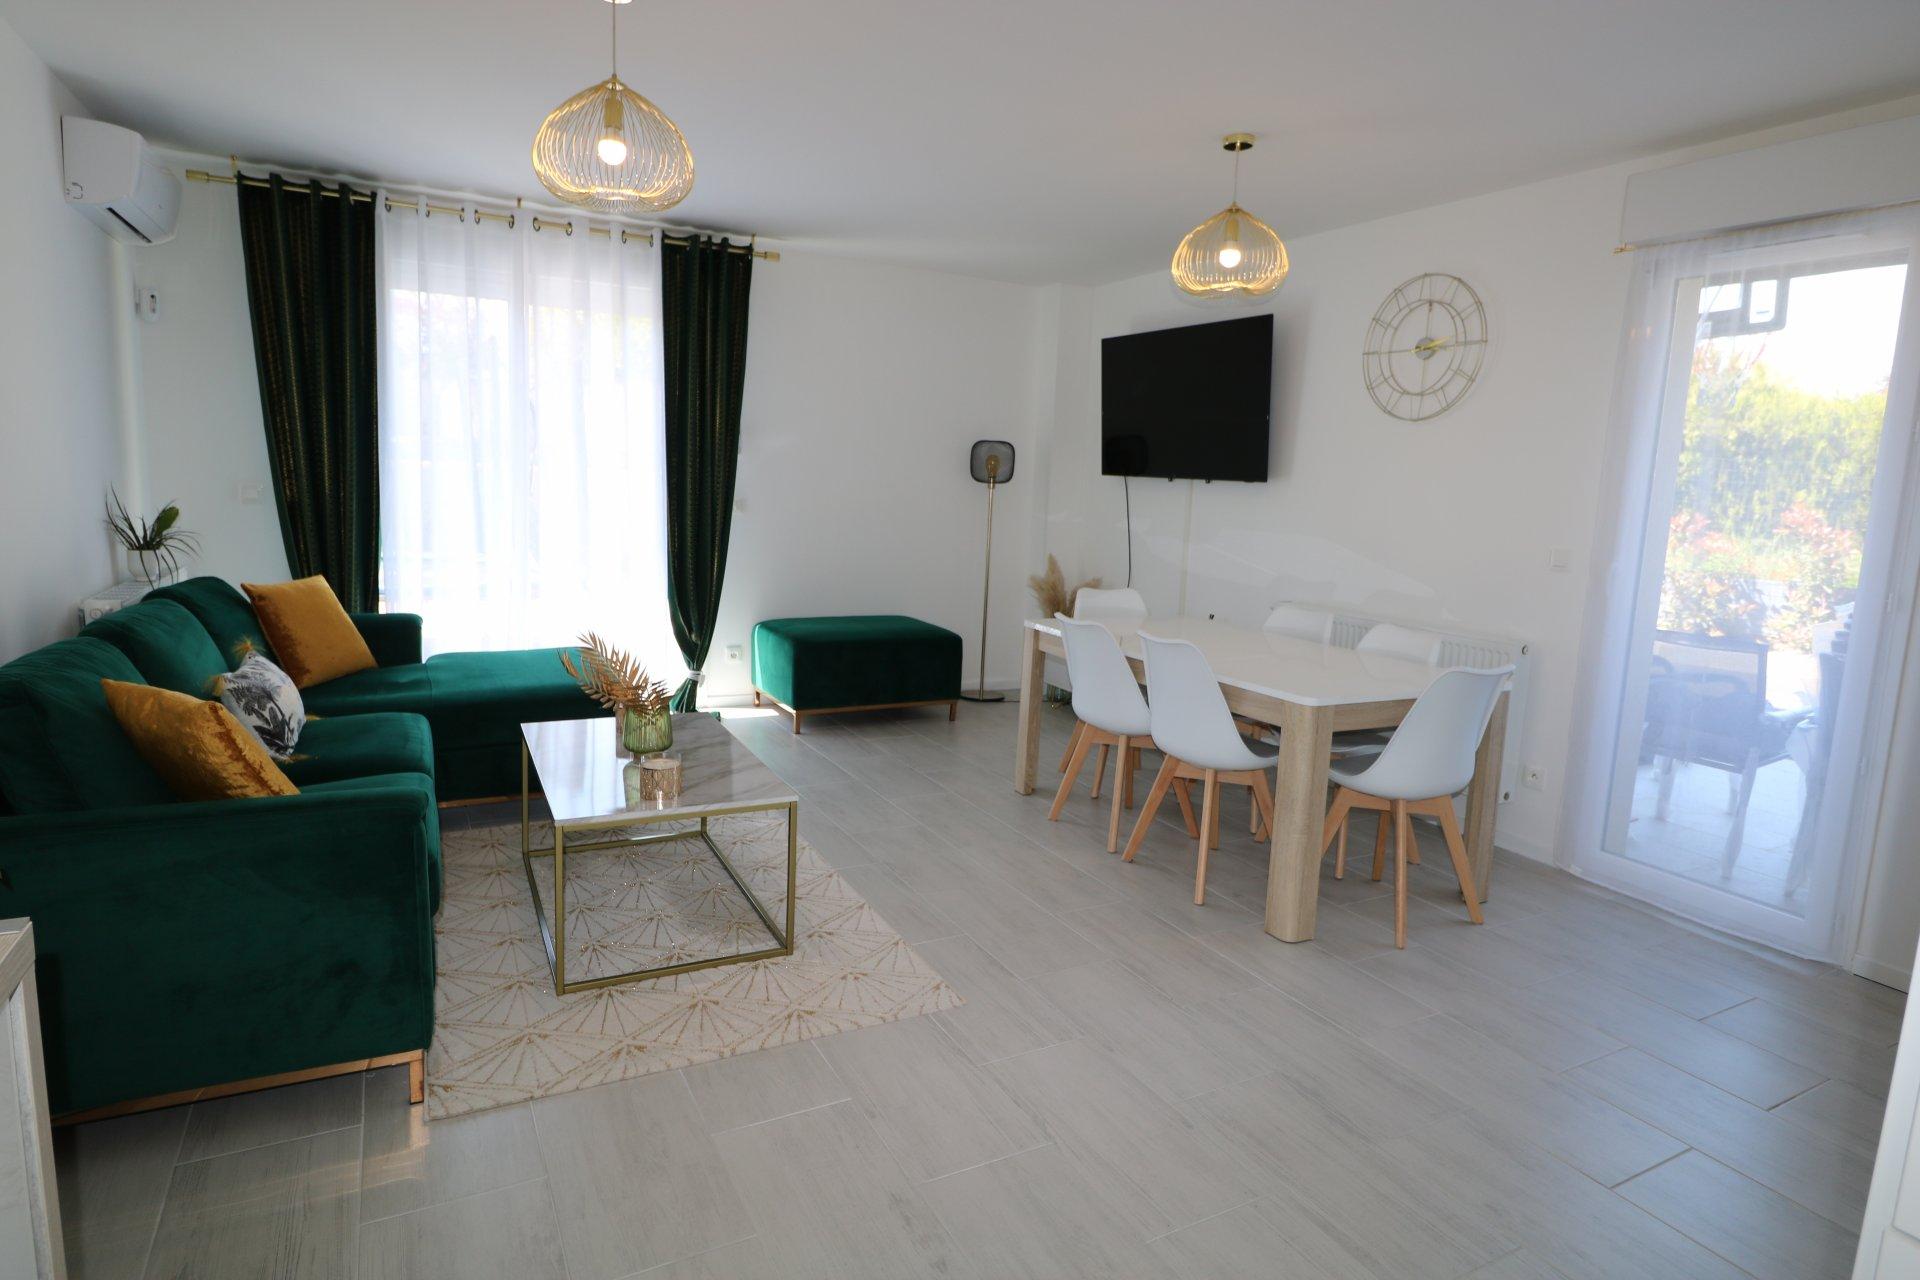 Maison 5 pièces de 106 m² avec piscine